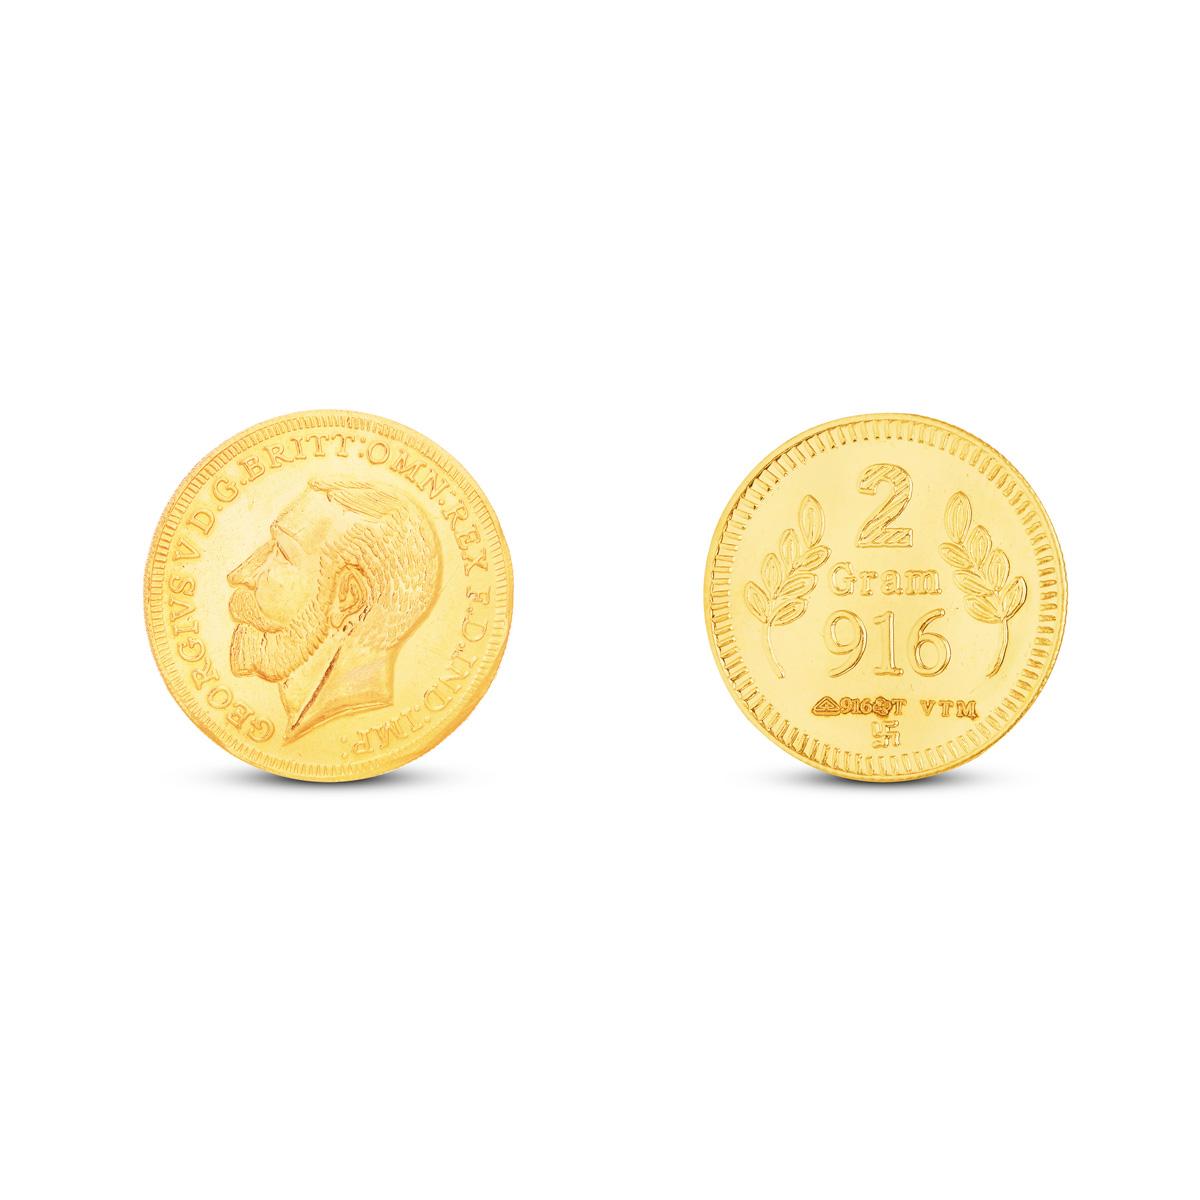 2 Gram Gold Coin